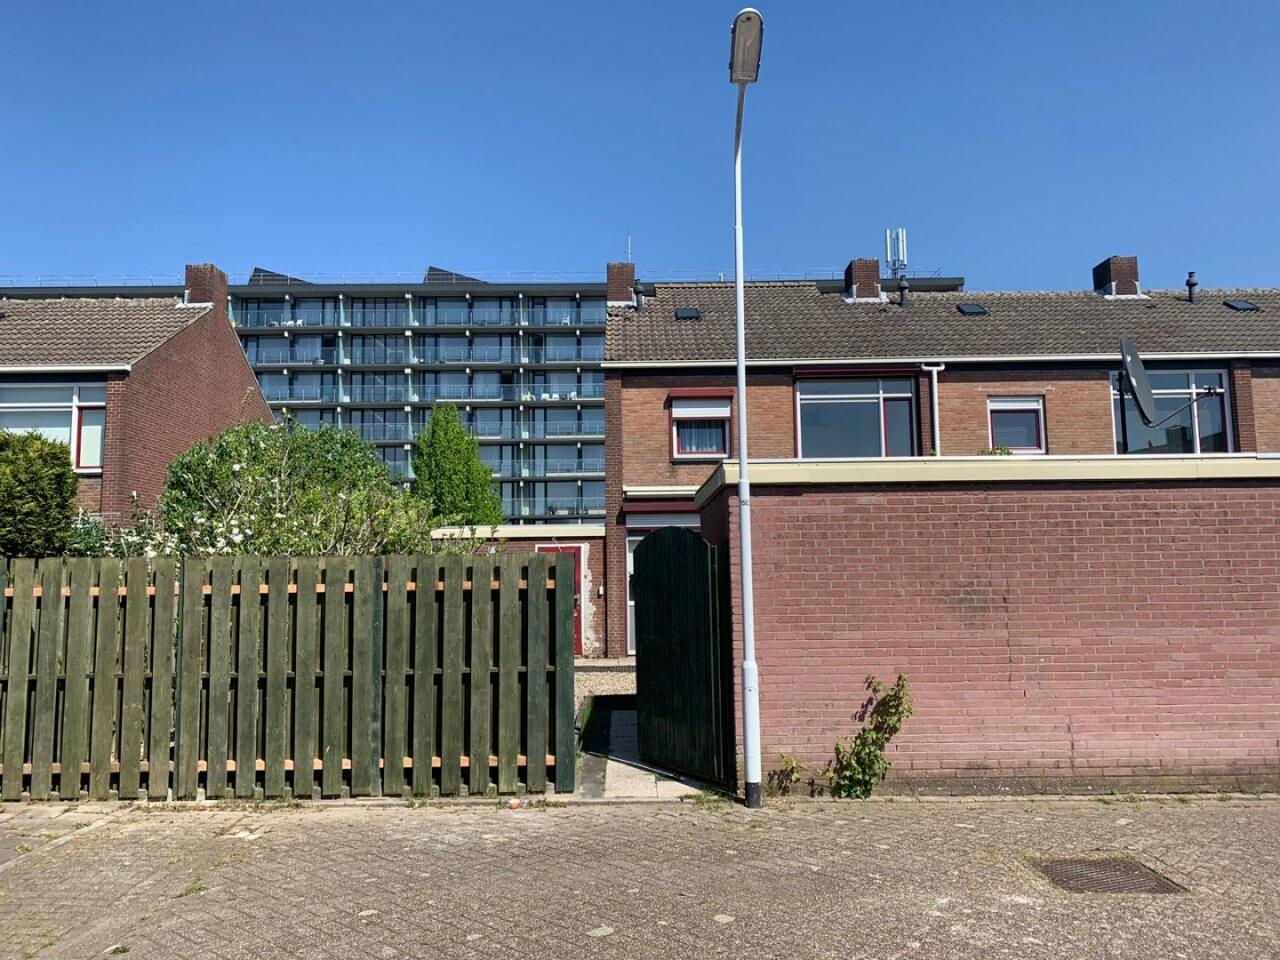 Peter van Anrooylaan 19, Terneuzen